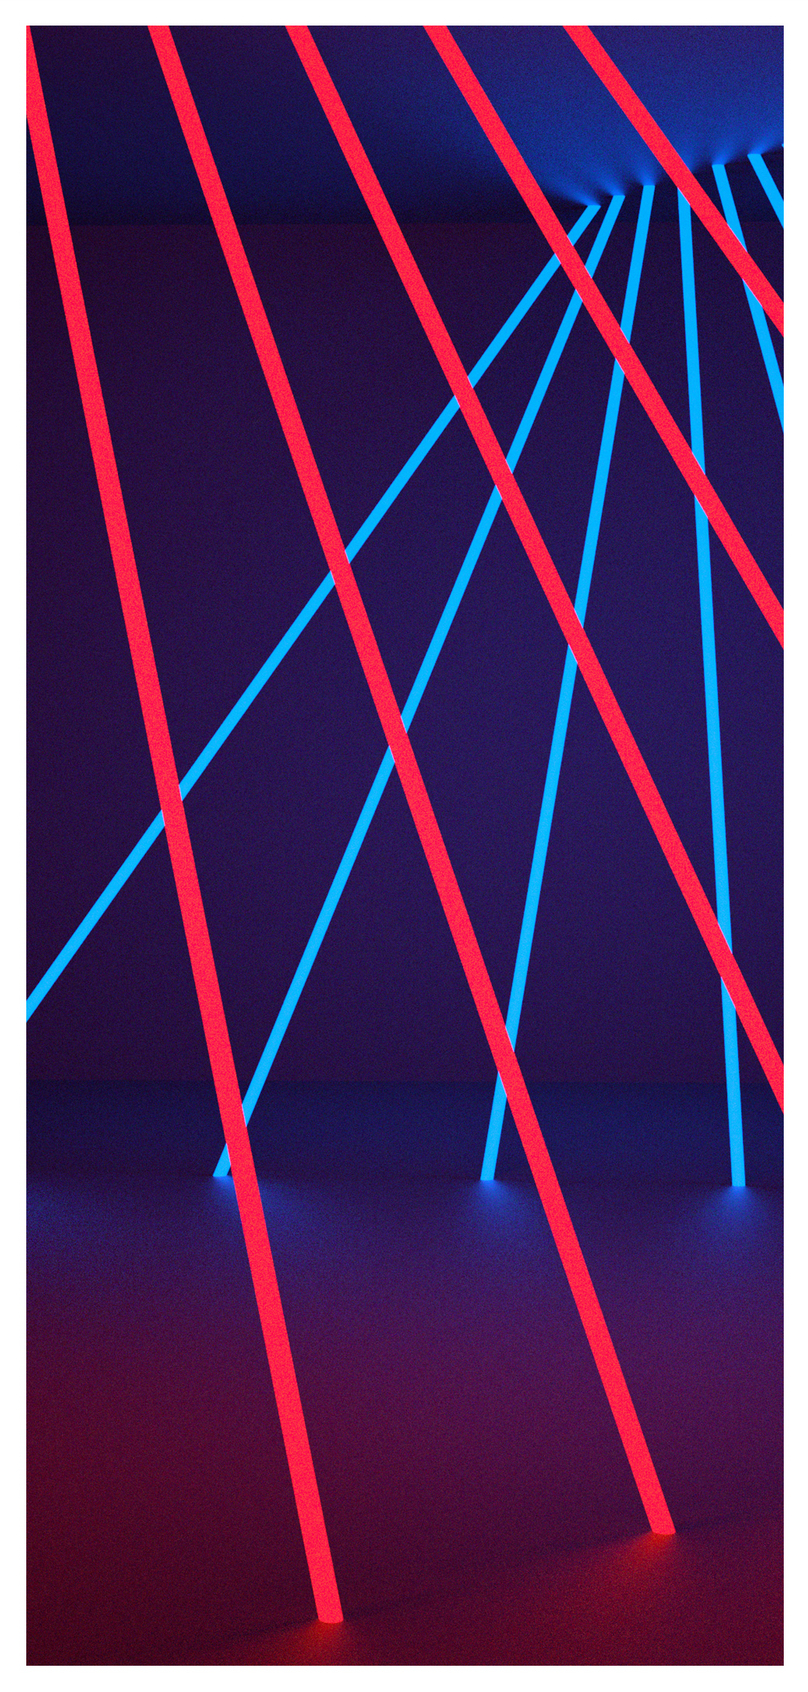 霓虹線條空間手機壁紙圖片素材編號400861261 Prf高清圖片免費下載 Jpg